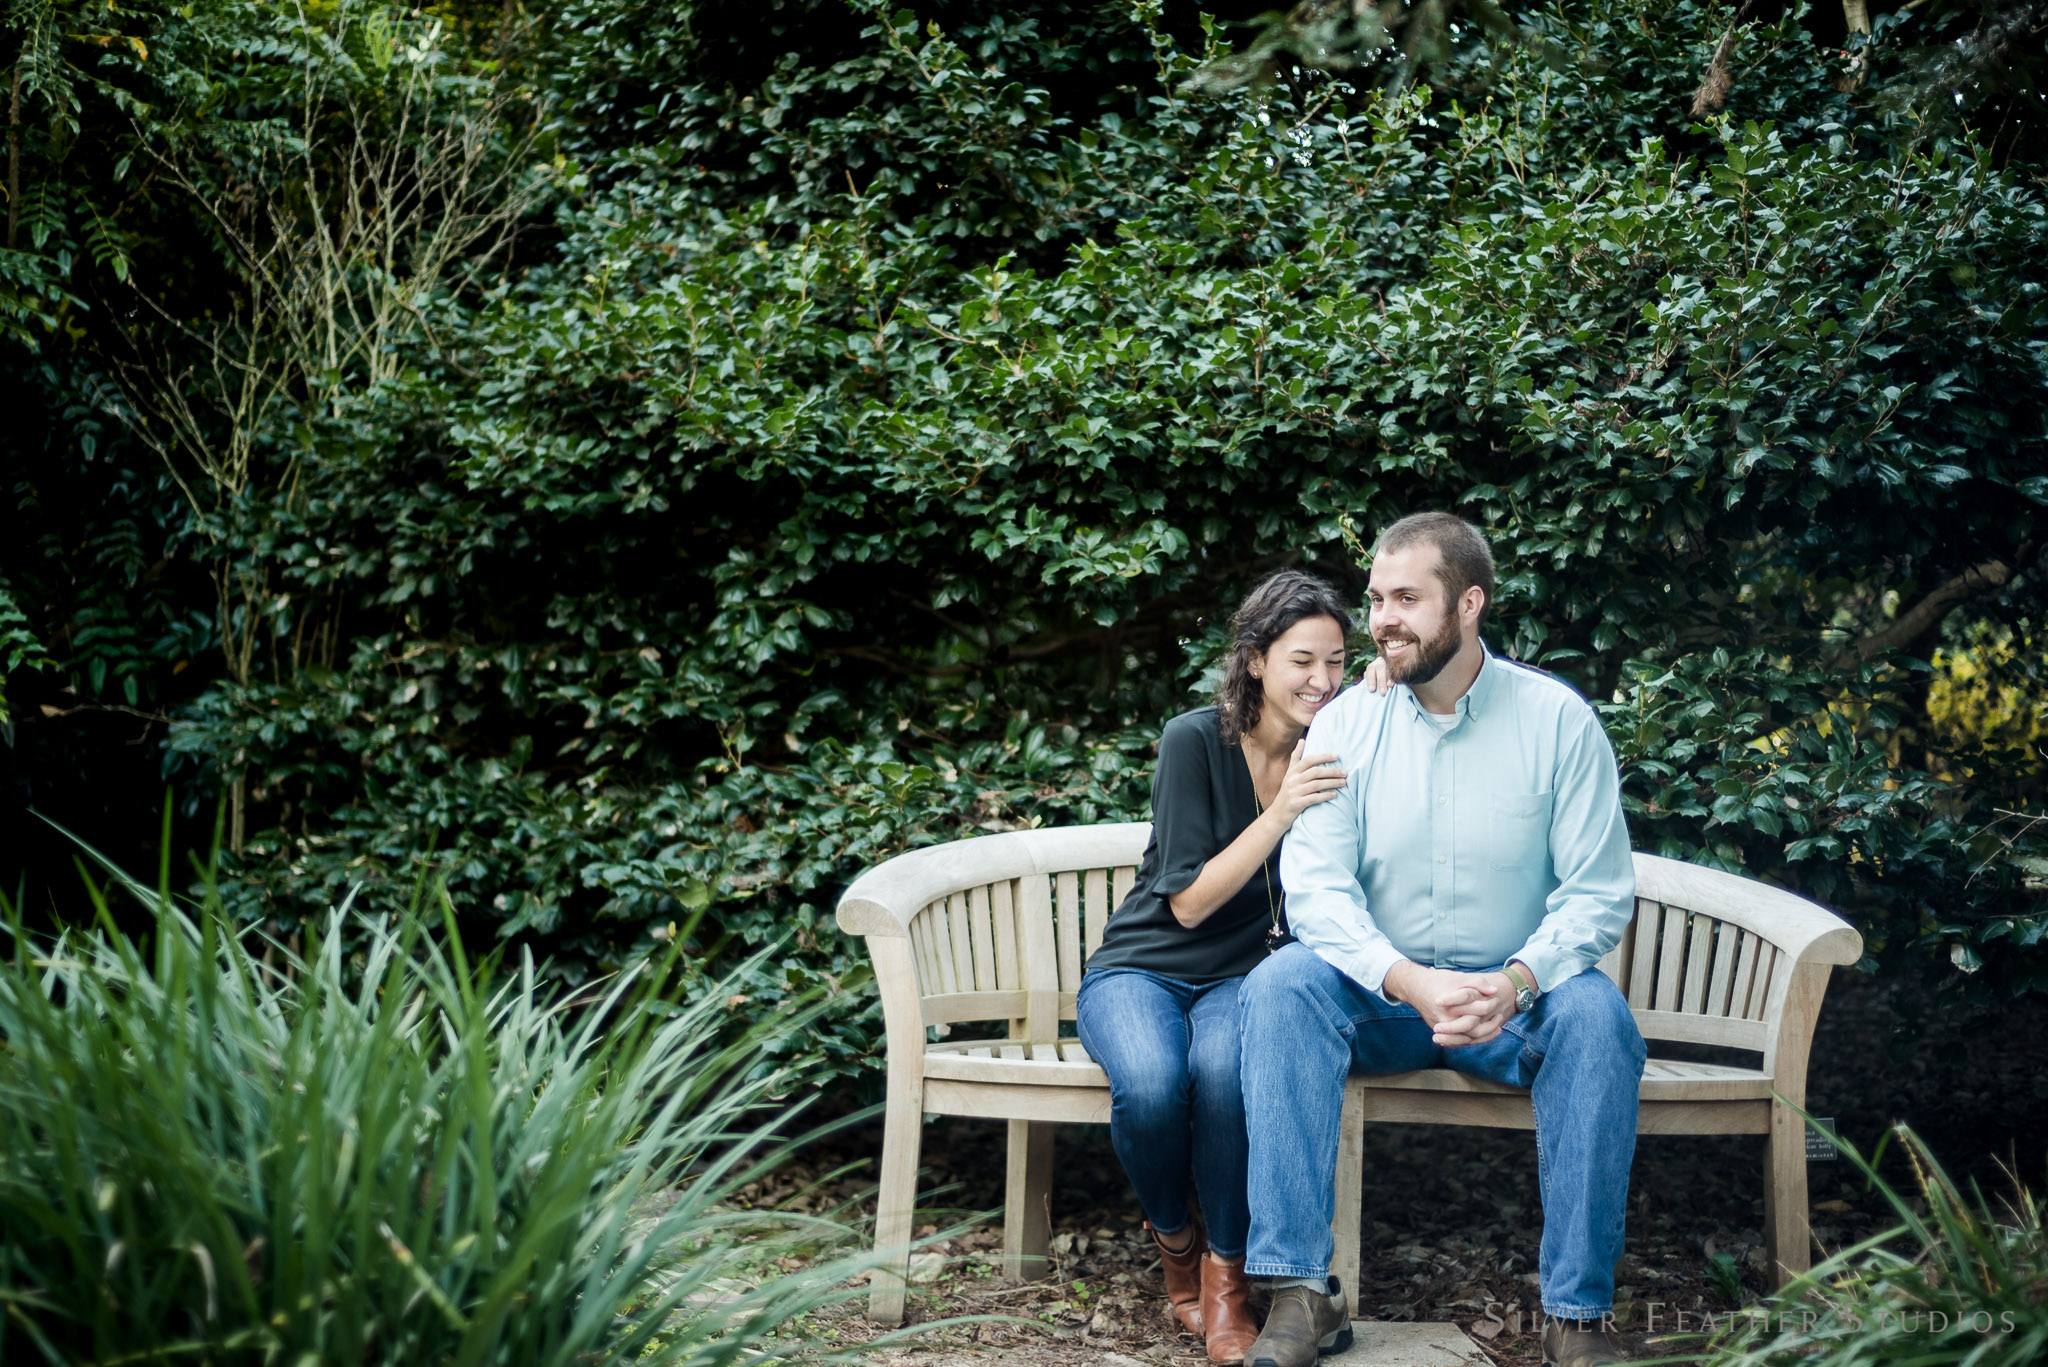 jc-raulston-arboretum-engagement-009.jpg